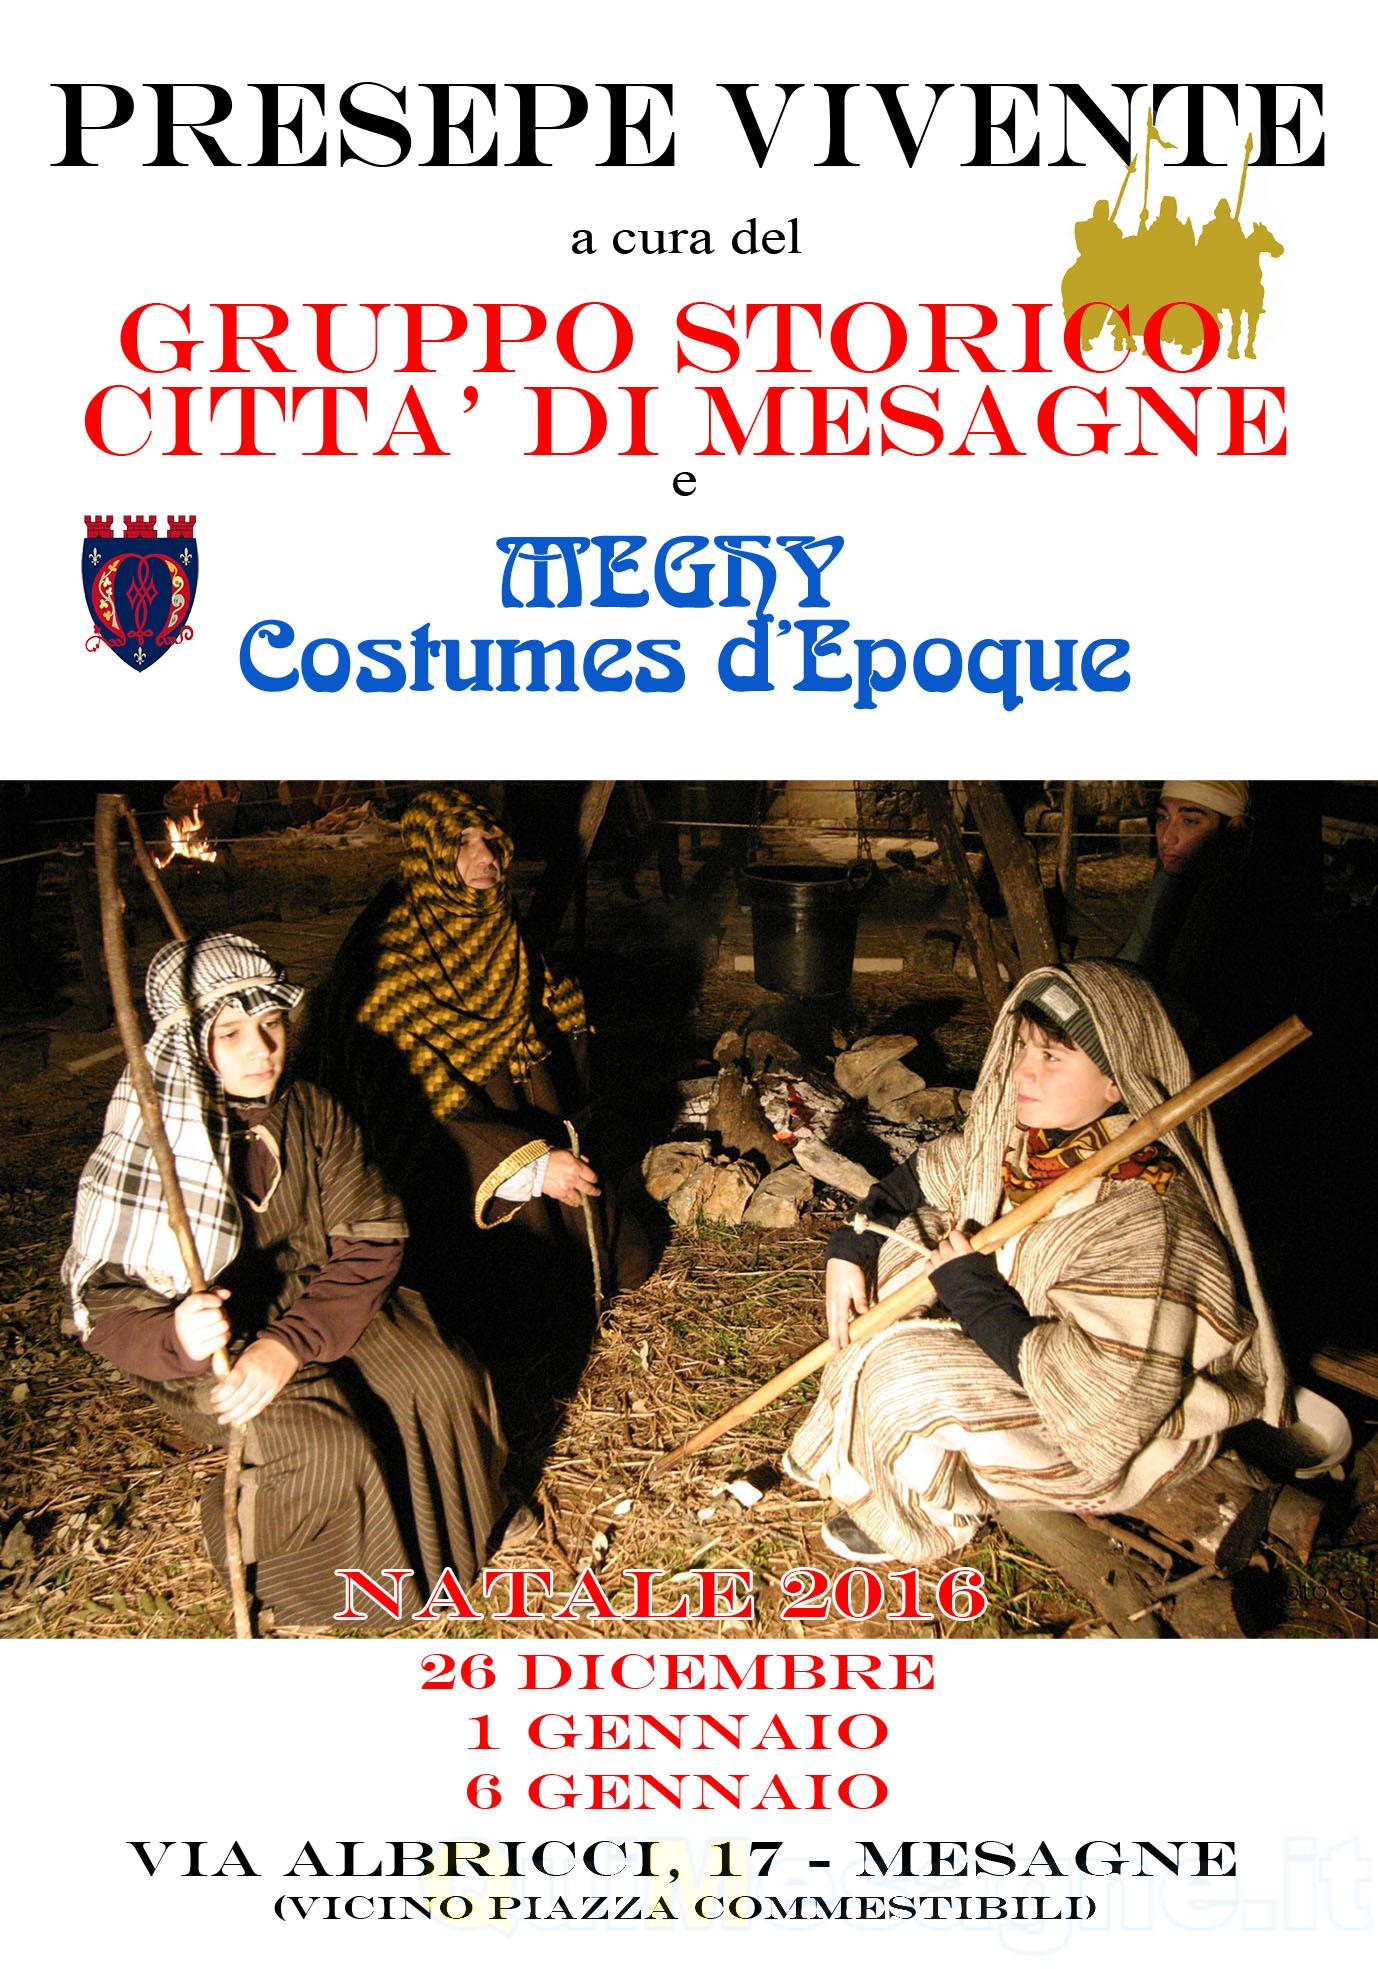 Stasera 26 dicembre apertura Presepe vivente, si replica l'1 e il 6 Gennaio